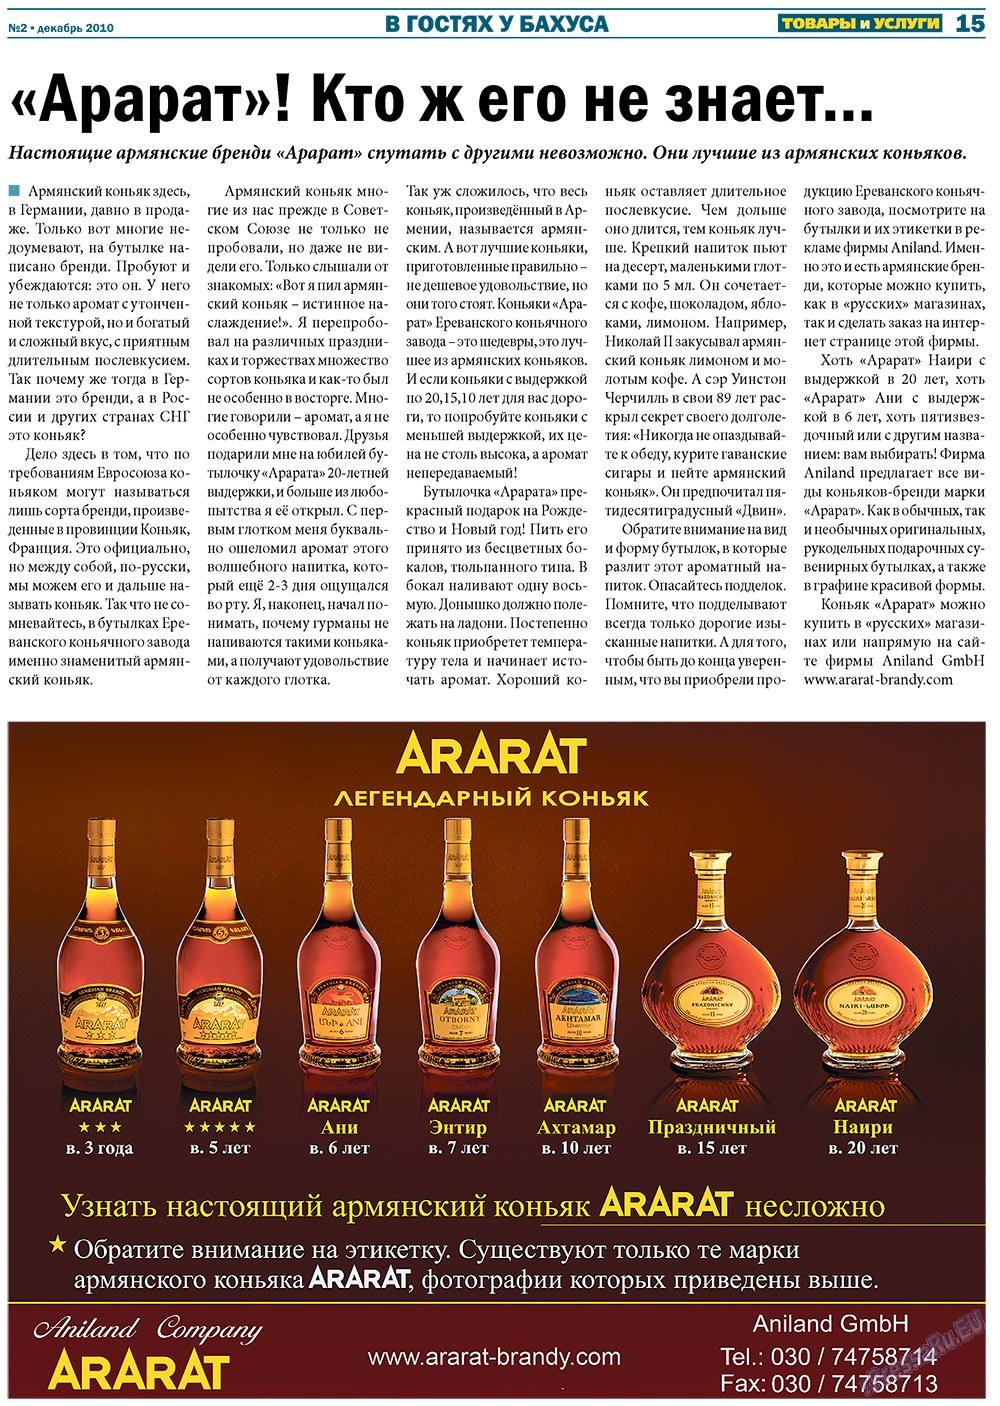 Товары и услуги (газета). 2010 год, номер 2, стр. 15